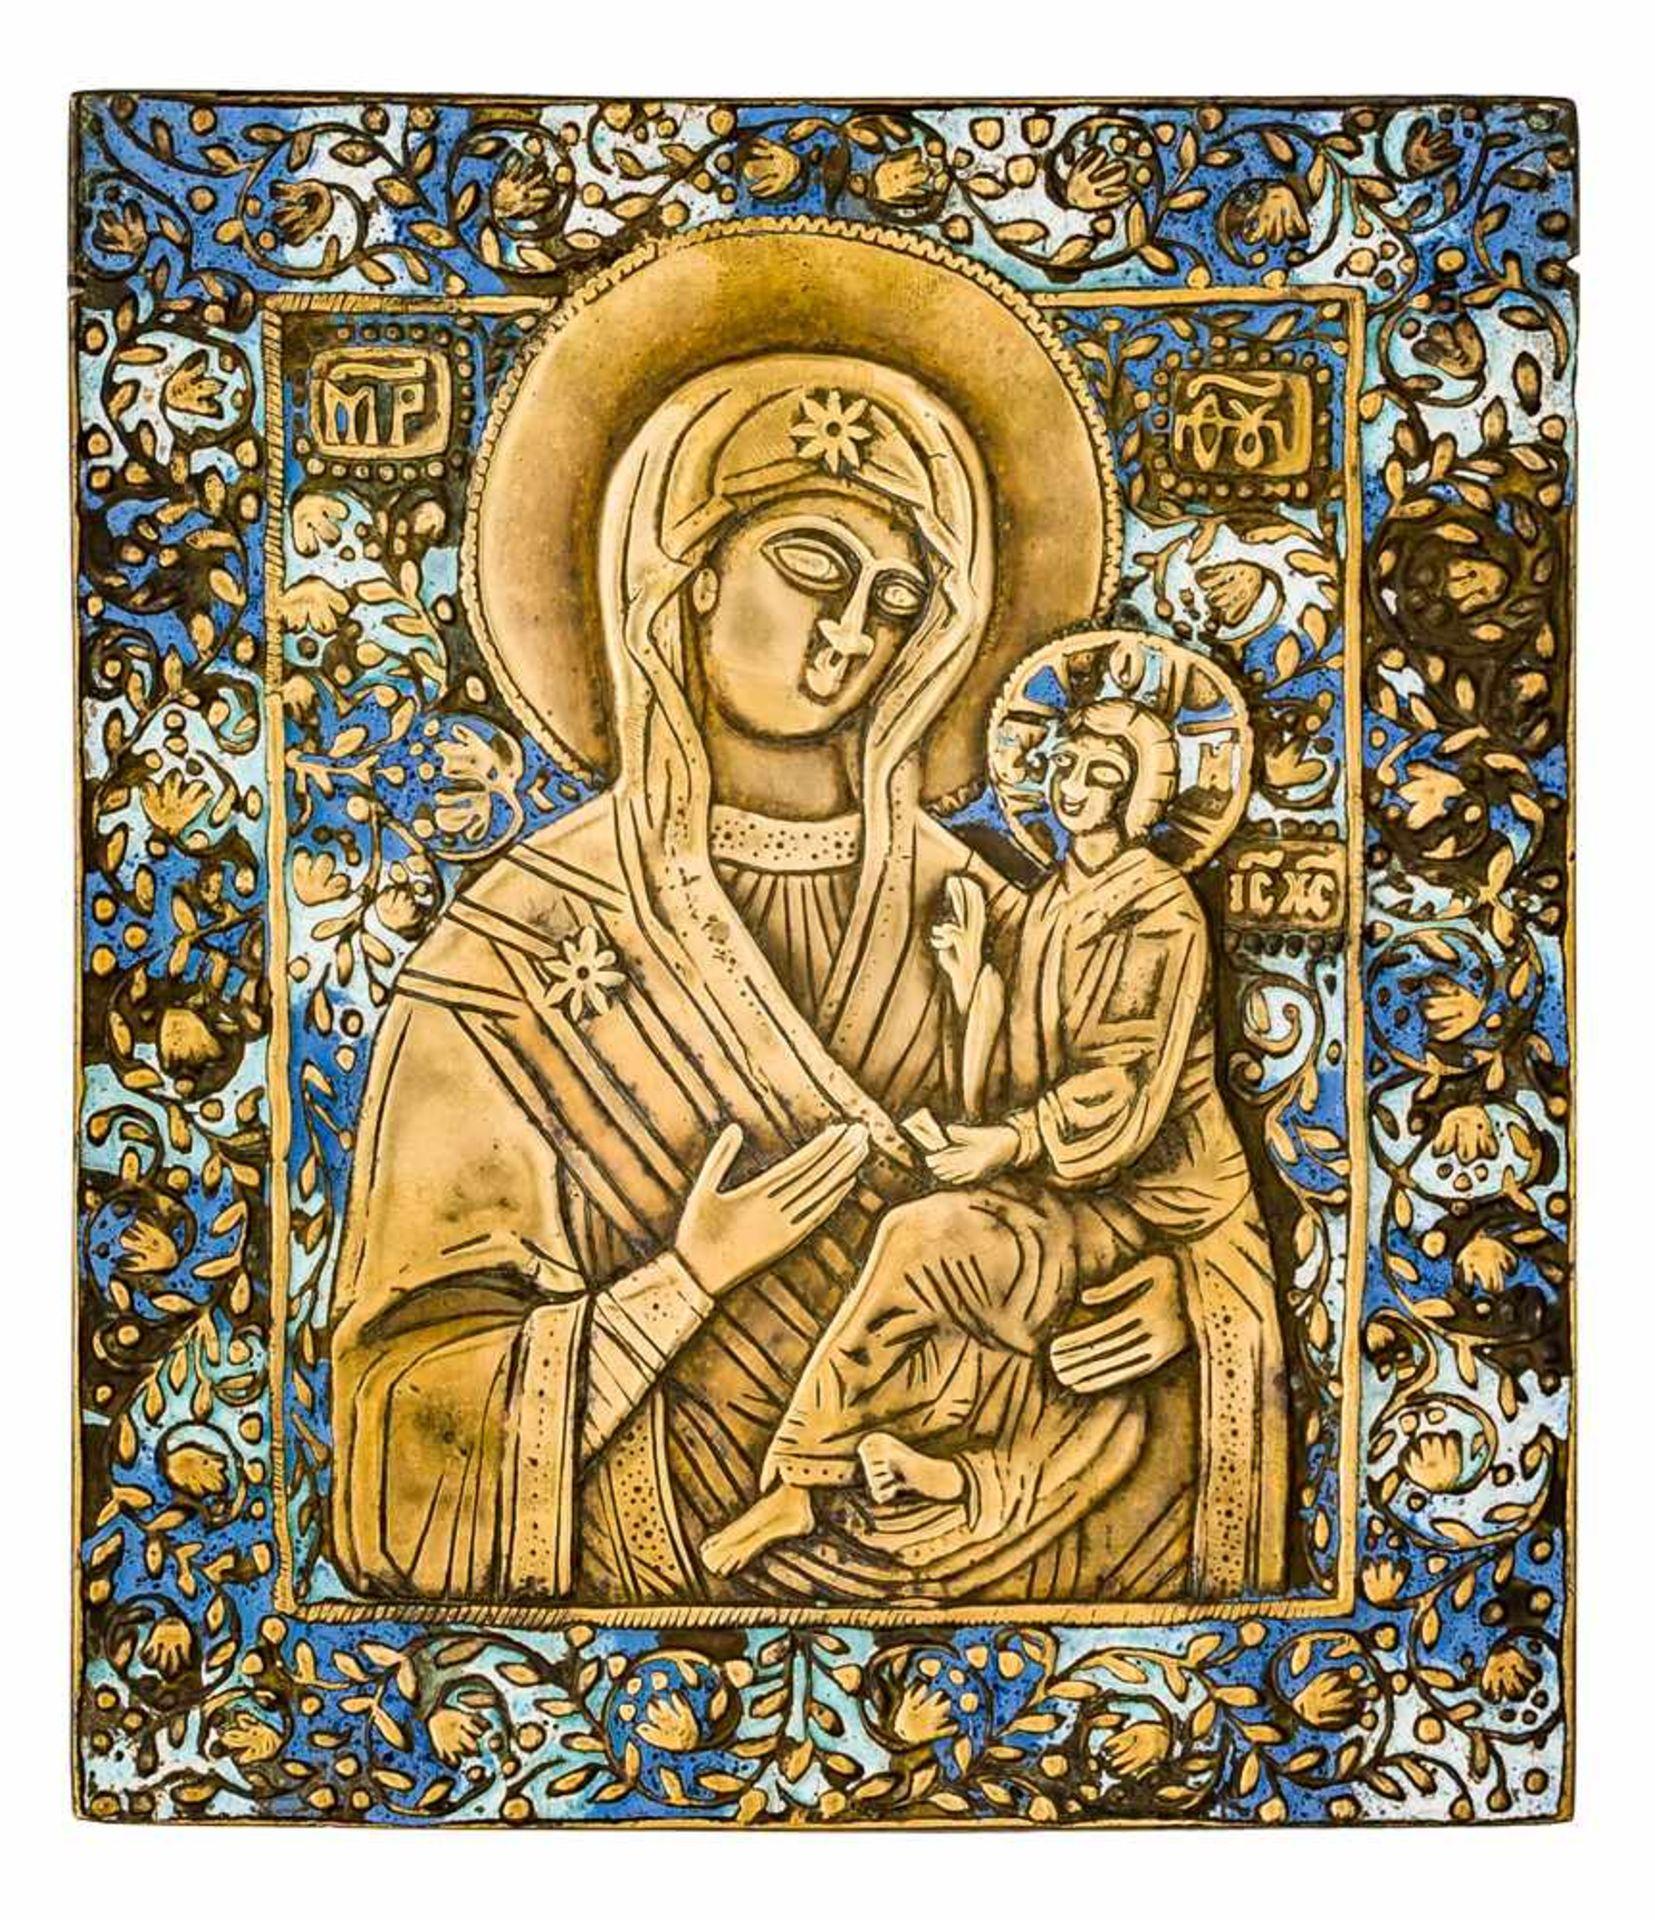 *Gottesmutter von Tichvin Russische zweifach emaillierte Bronze-Ikone, um 1800 17,5 x 15,2 cm Eine